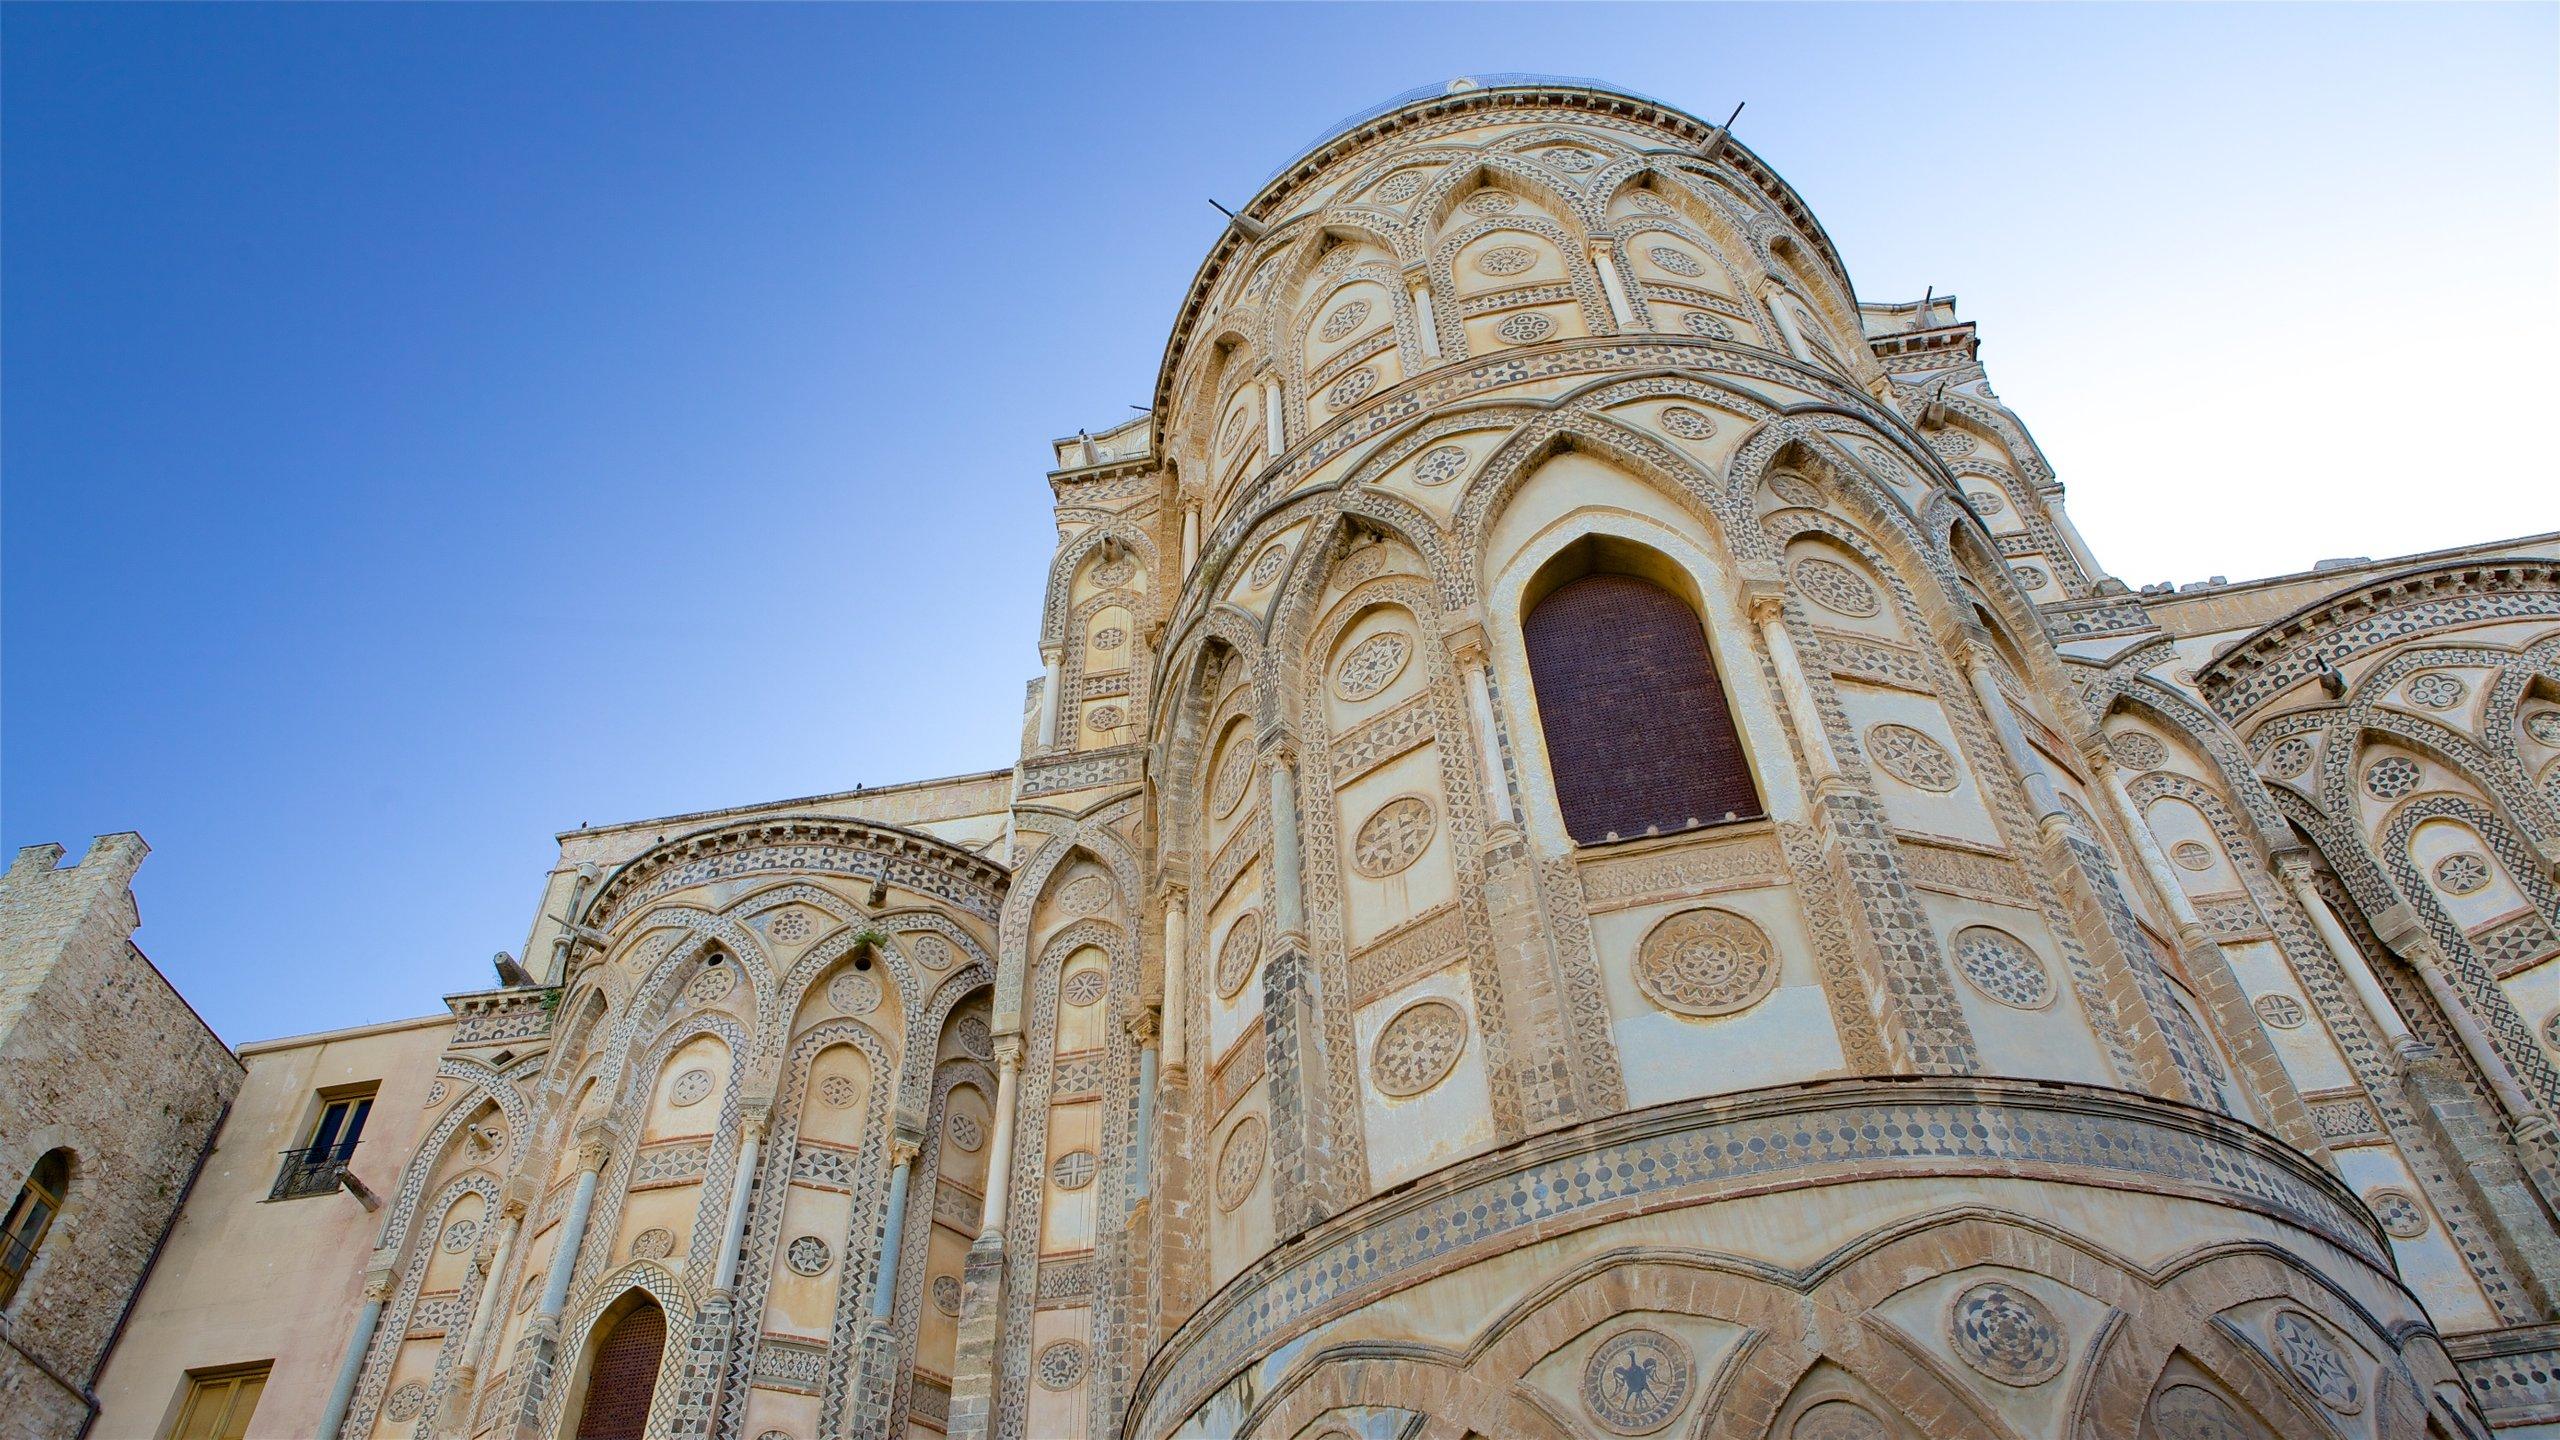 Apprendi l'interessante storia di Monreale facendo tappa a Cattedrale di Monreale. Durante il tuo soggiorno in questa zona ricca di cultura, ritagliati un po' di tempo per la sua stupenda cattedrale.